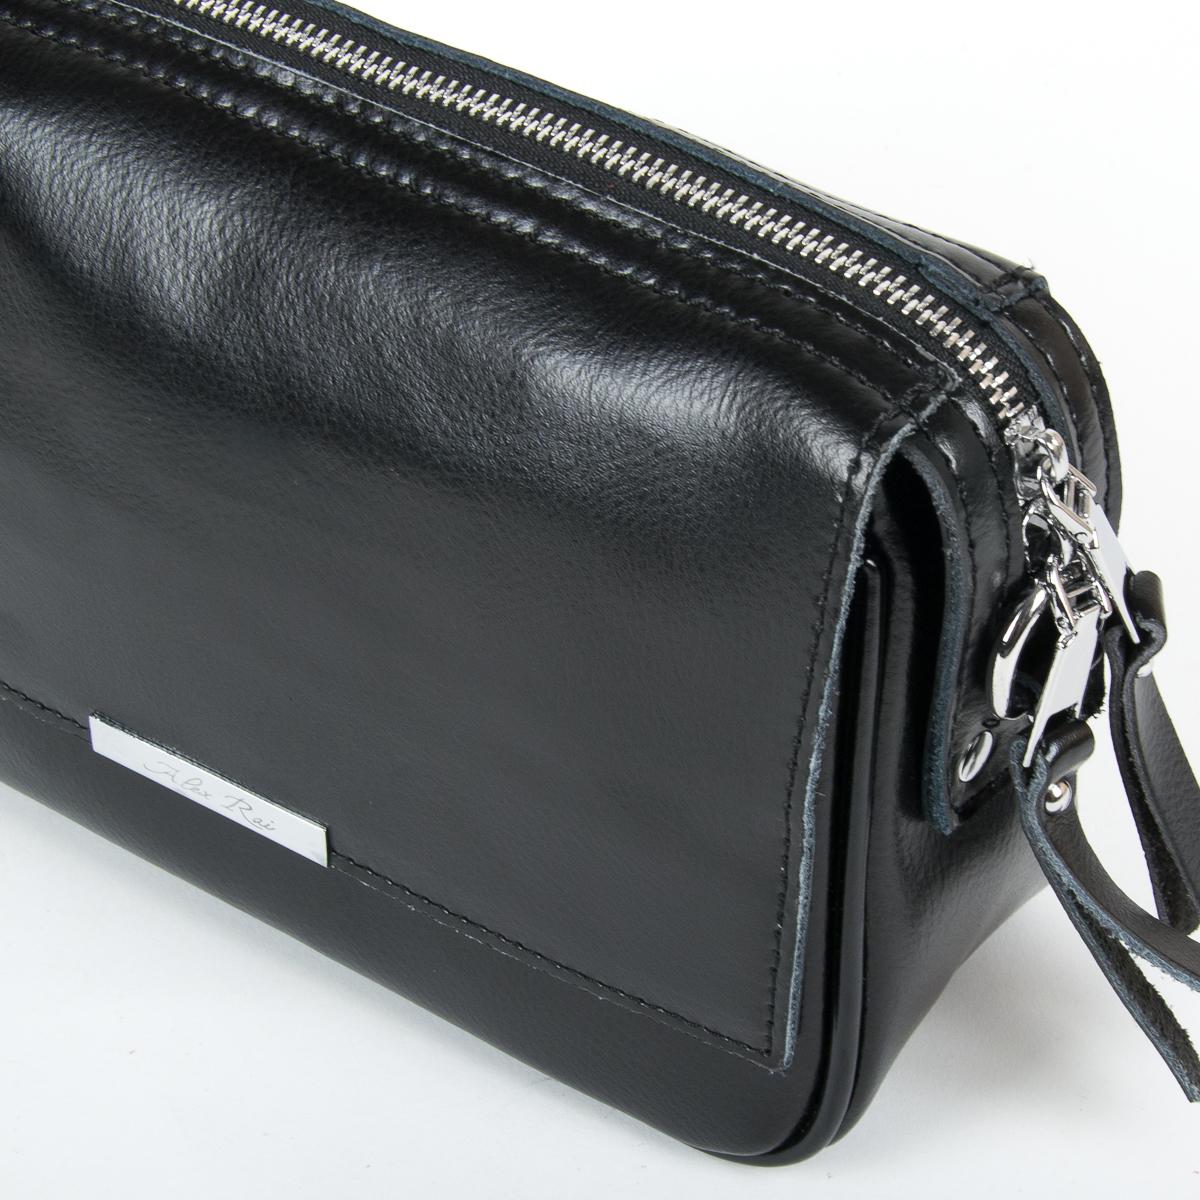 Сумка Женская Клатч кожа ALEX RAI 9-01 2227 black - фото 3